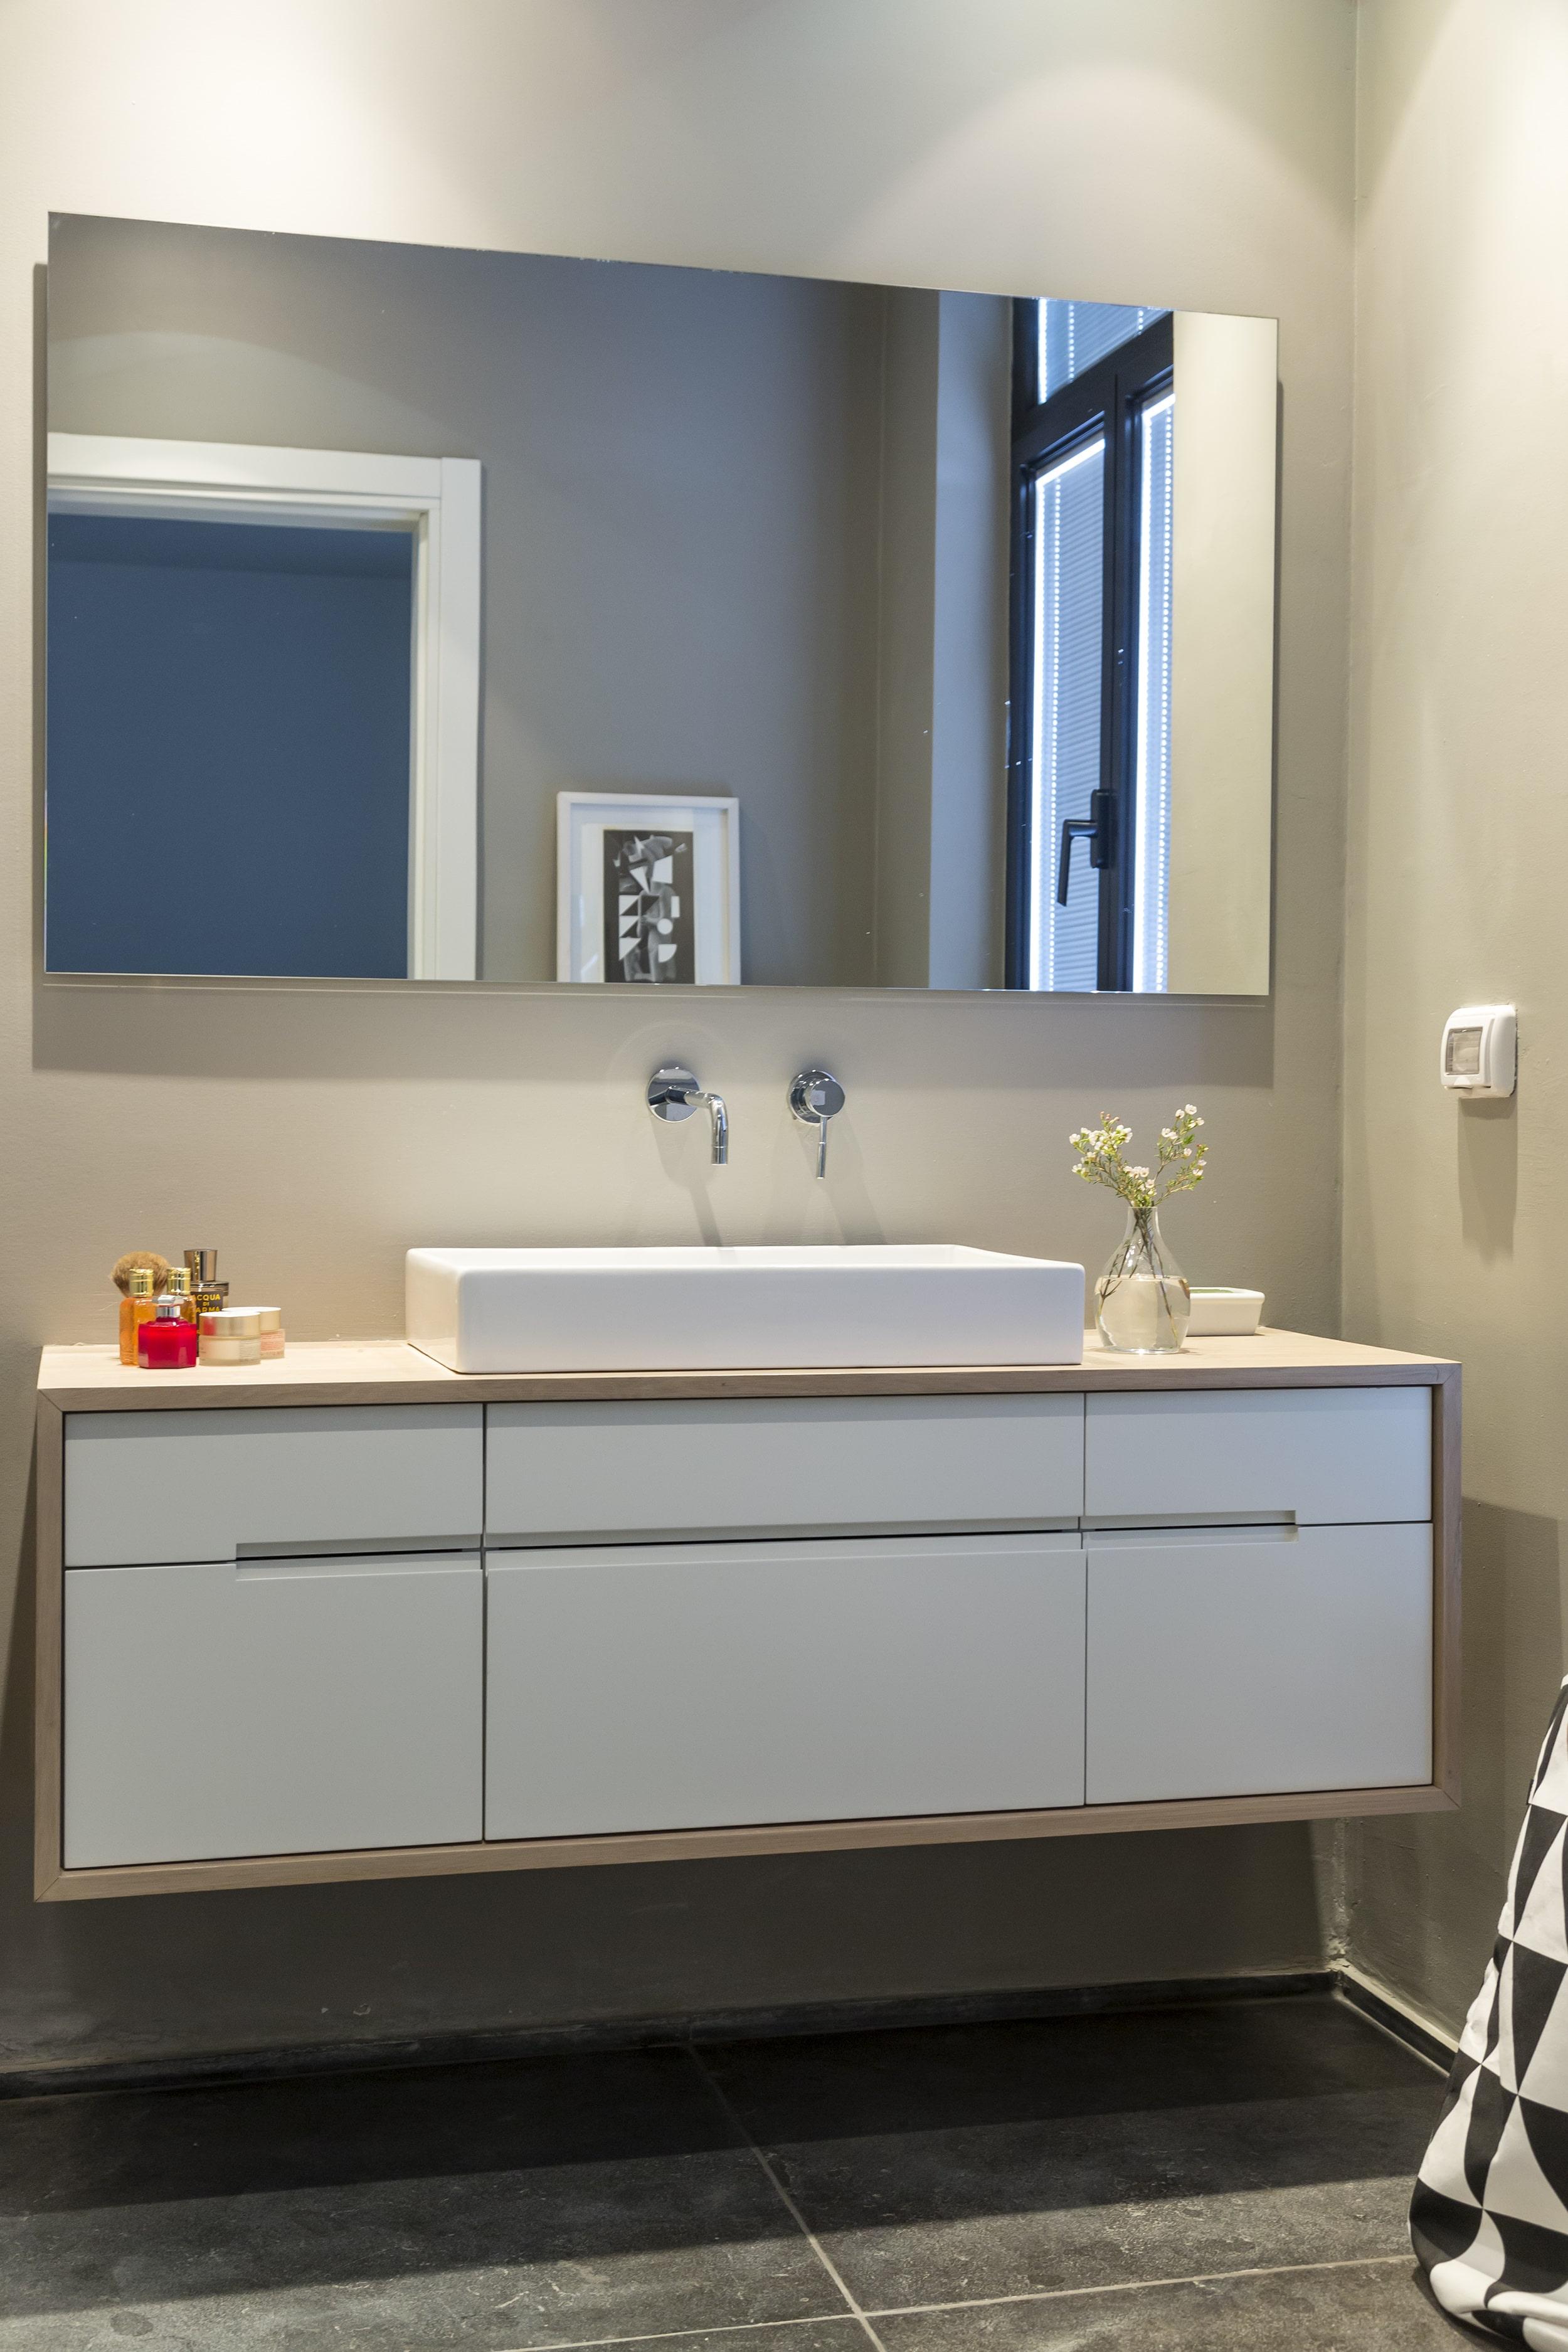 ארון כיור חדר רחצה אמבטיה עץ אלון בשילוב צבע מט